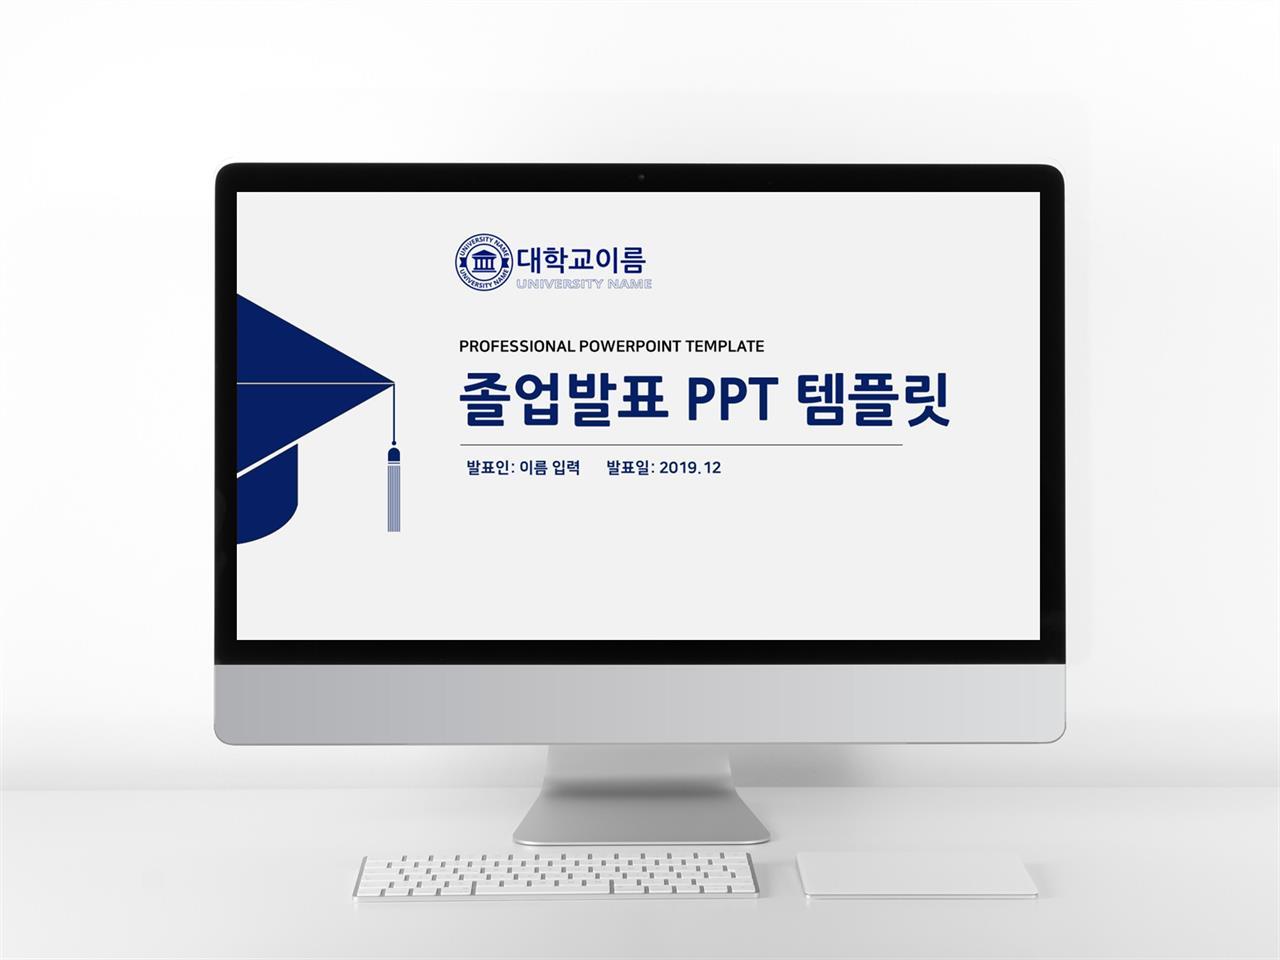 논문발표 하늘색 심플한 매력적인 POWERPOINT탬플릿 제작 미리보기